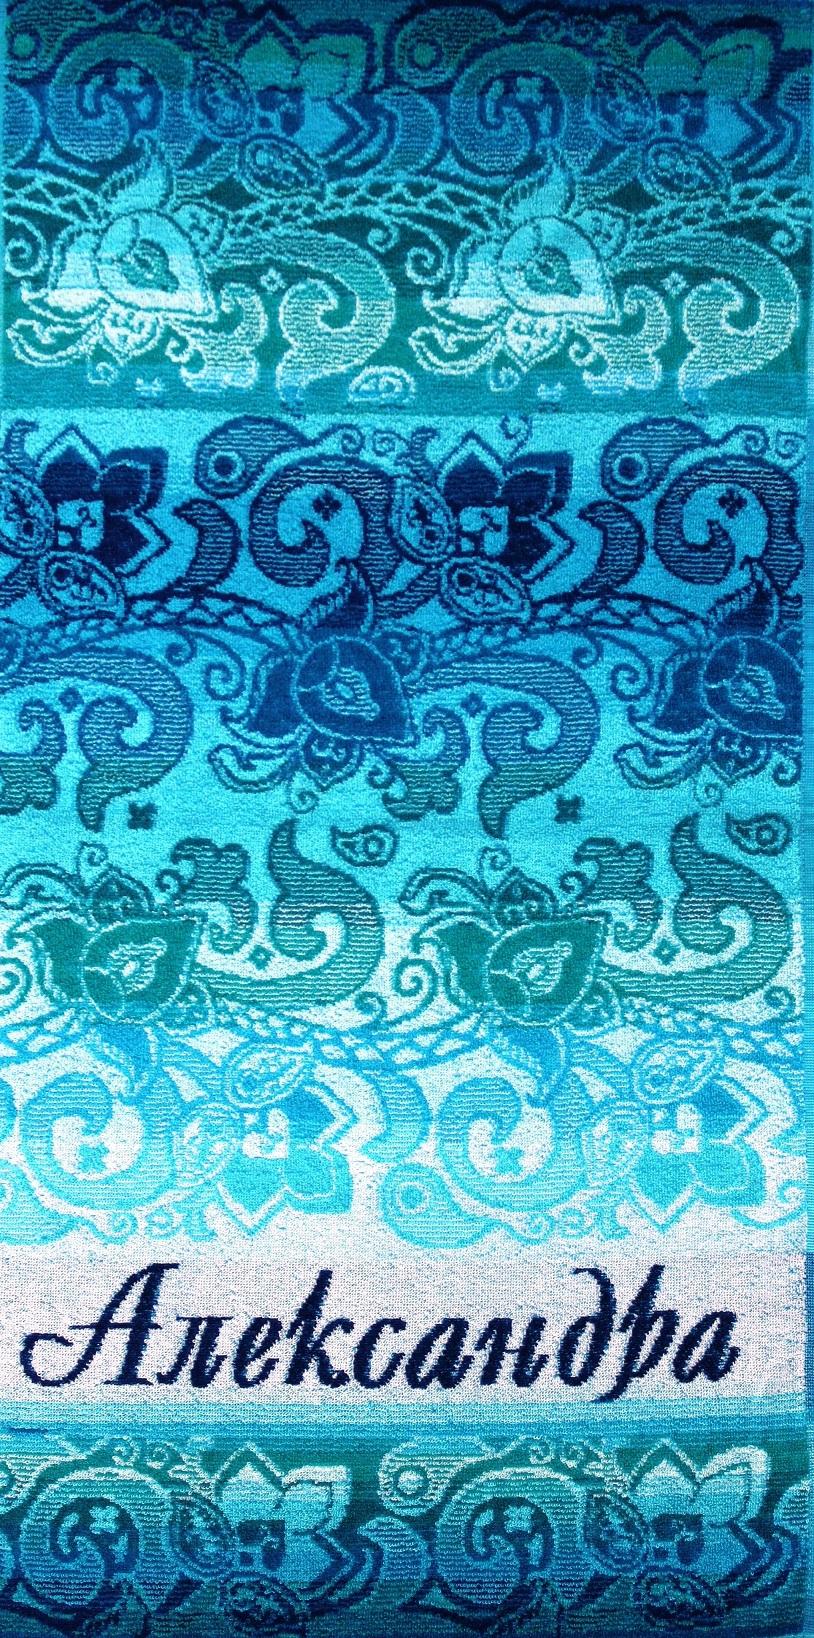 Полотенце махровое Женские именаДля всей семьи<br><br><br>Размер: Диана